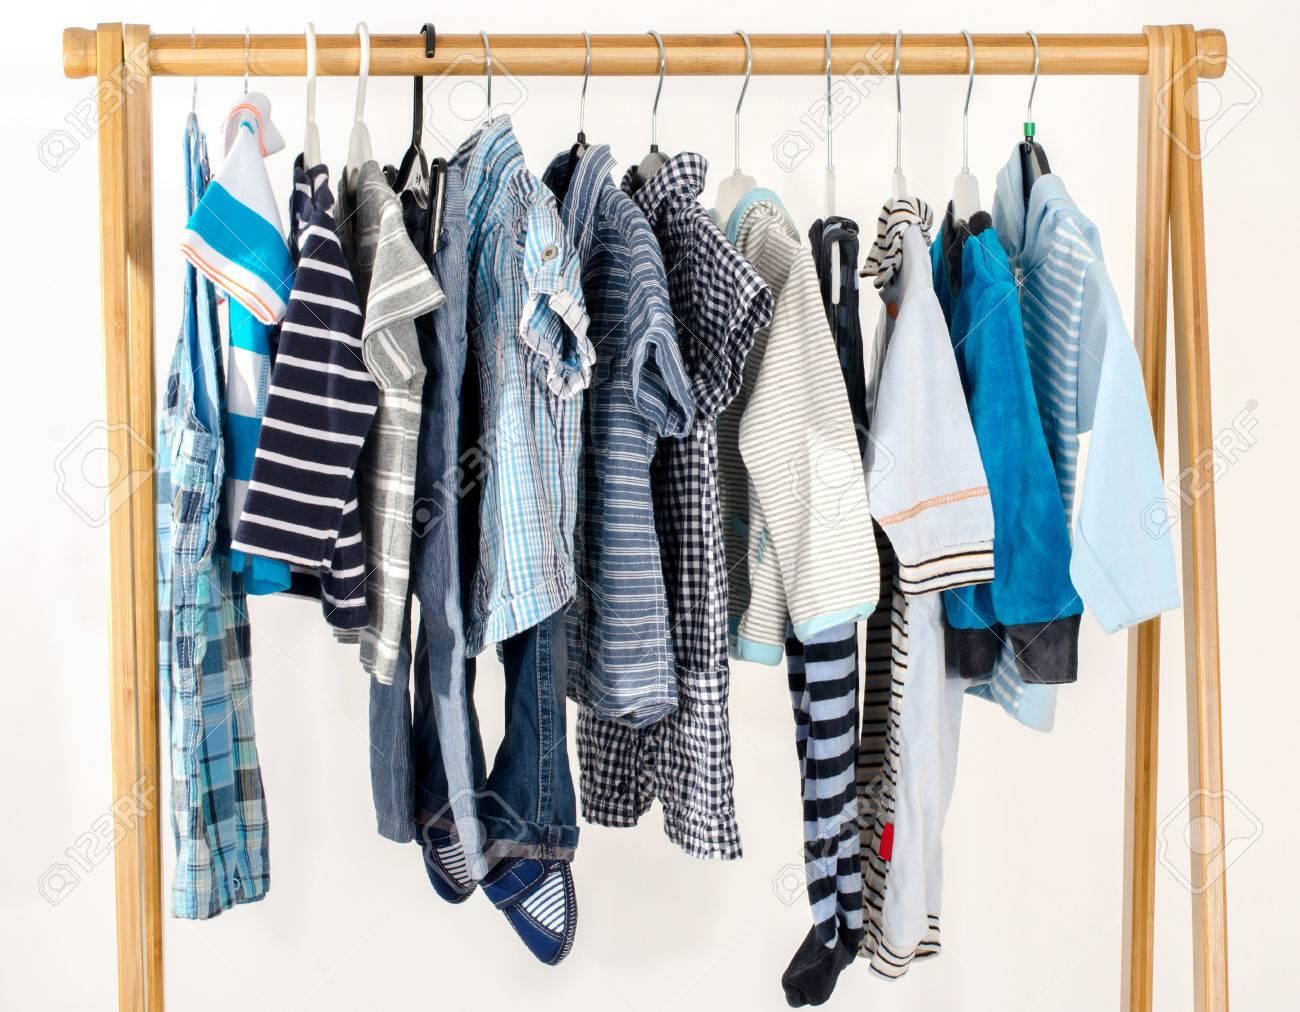 foto de archivo vestir armario con ropa dispuestas en hangersblue y armario blanco de recin nacidos nios nios bebs llenos de toda clothes